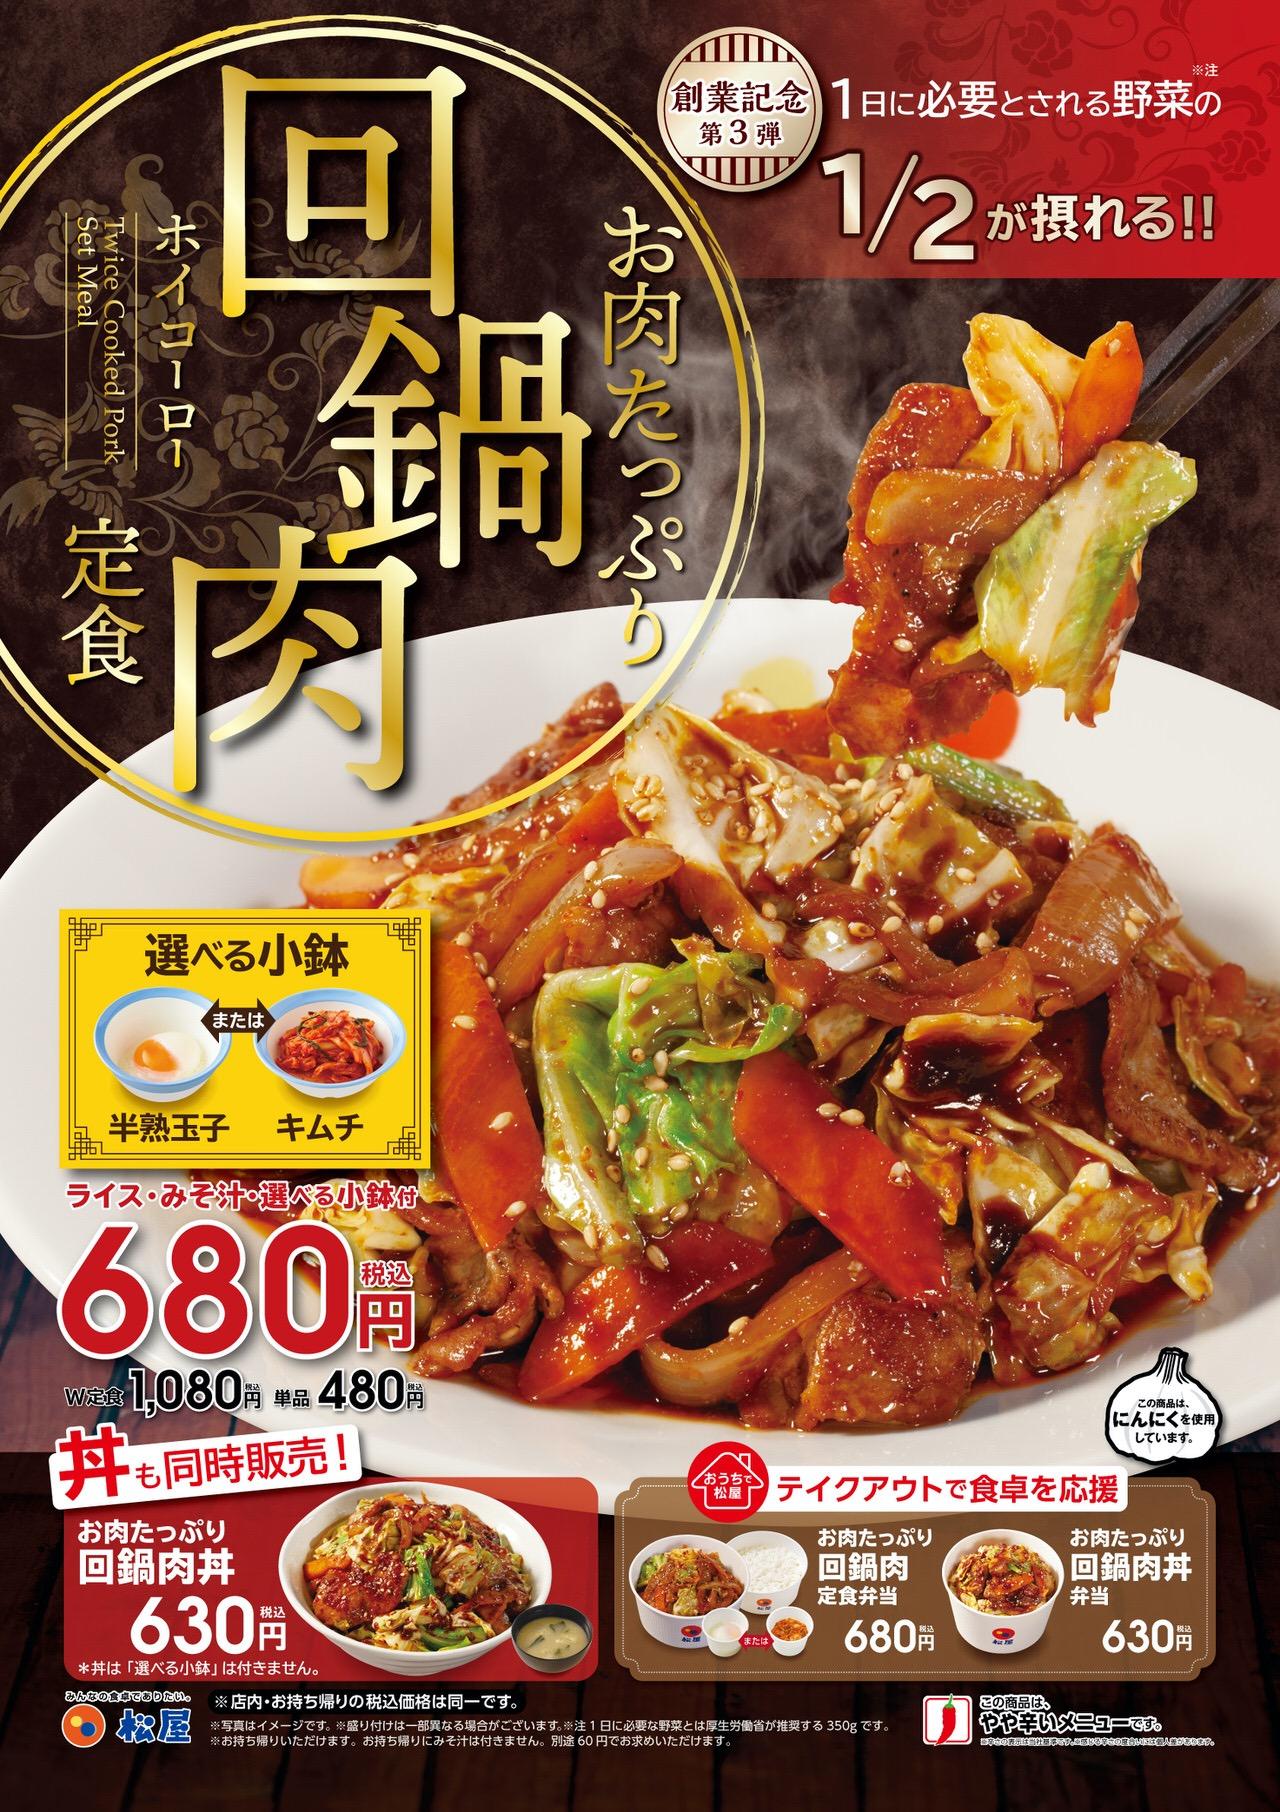 【松屋】選べる小鉢の旨辛メニュー「お肉たっぷり回鍋肉定食」発売(6/23〜)